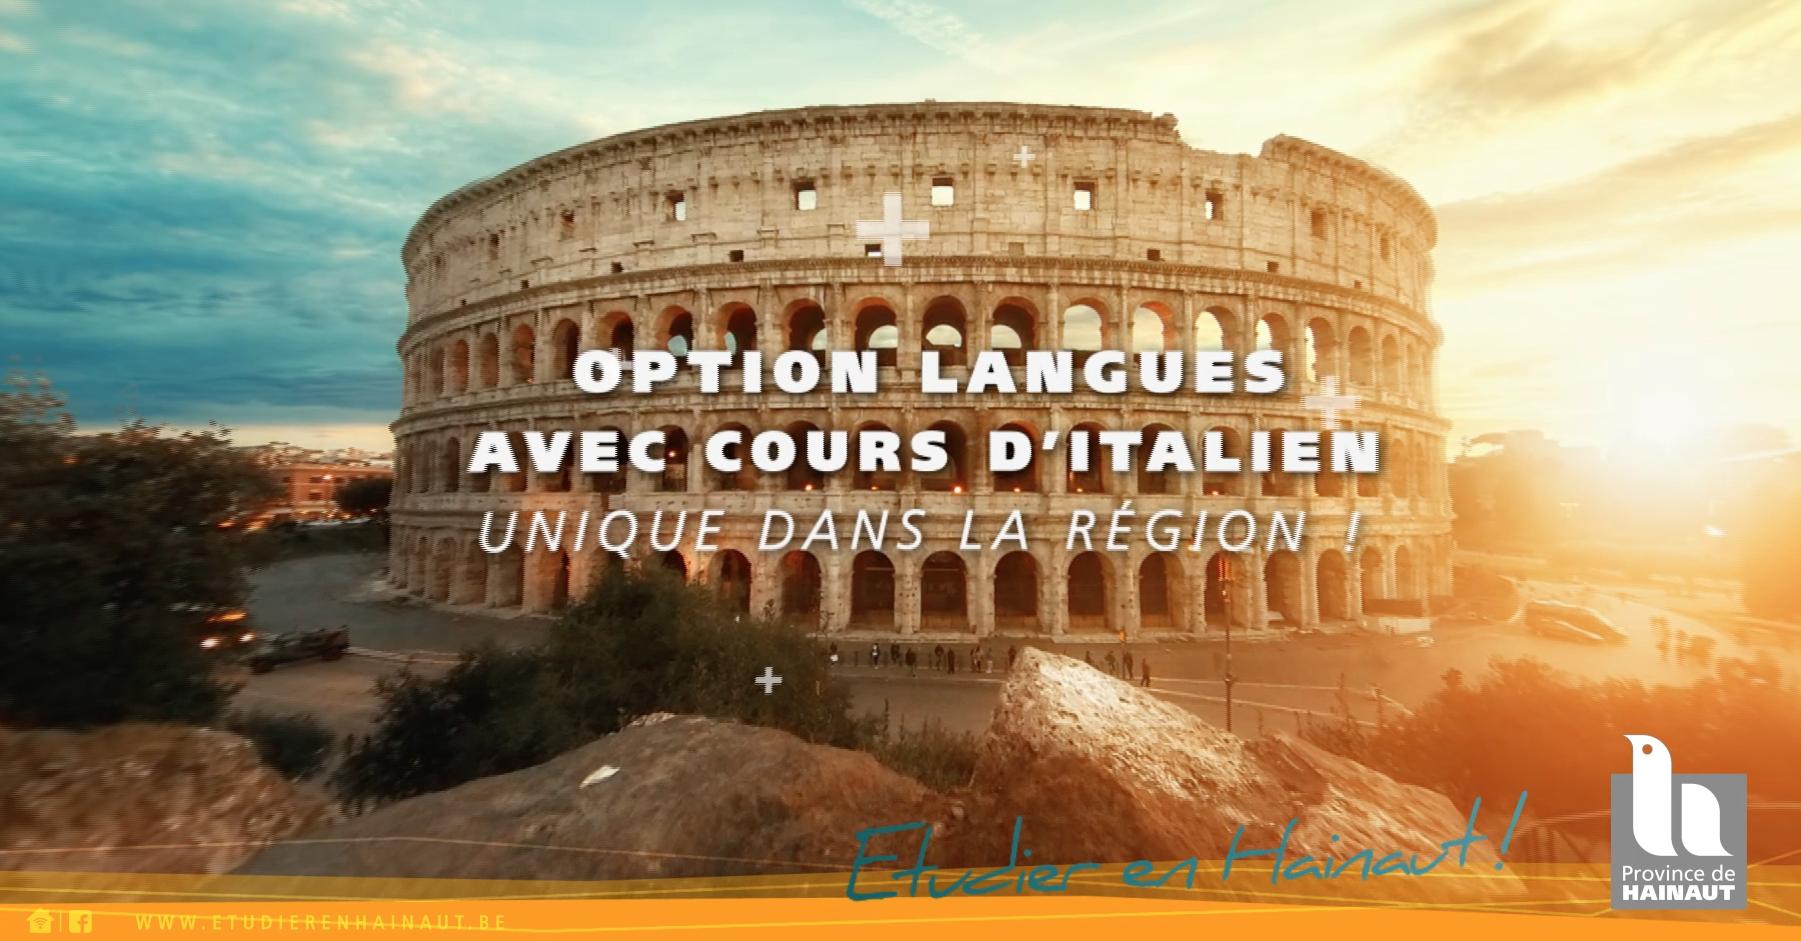 Option langues - avec cours d'Italien